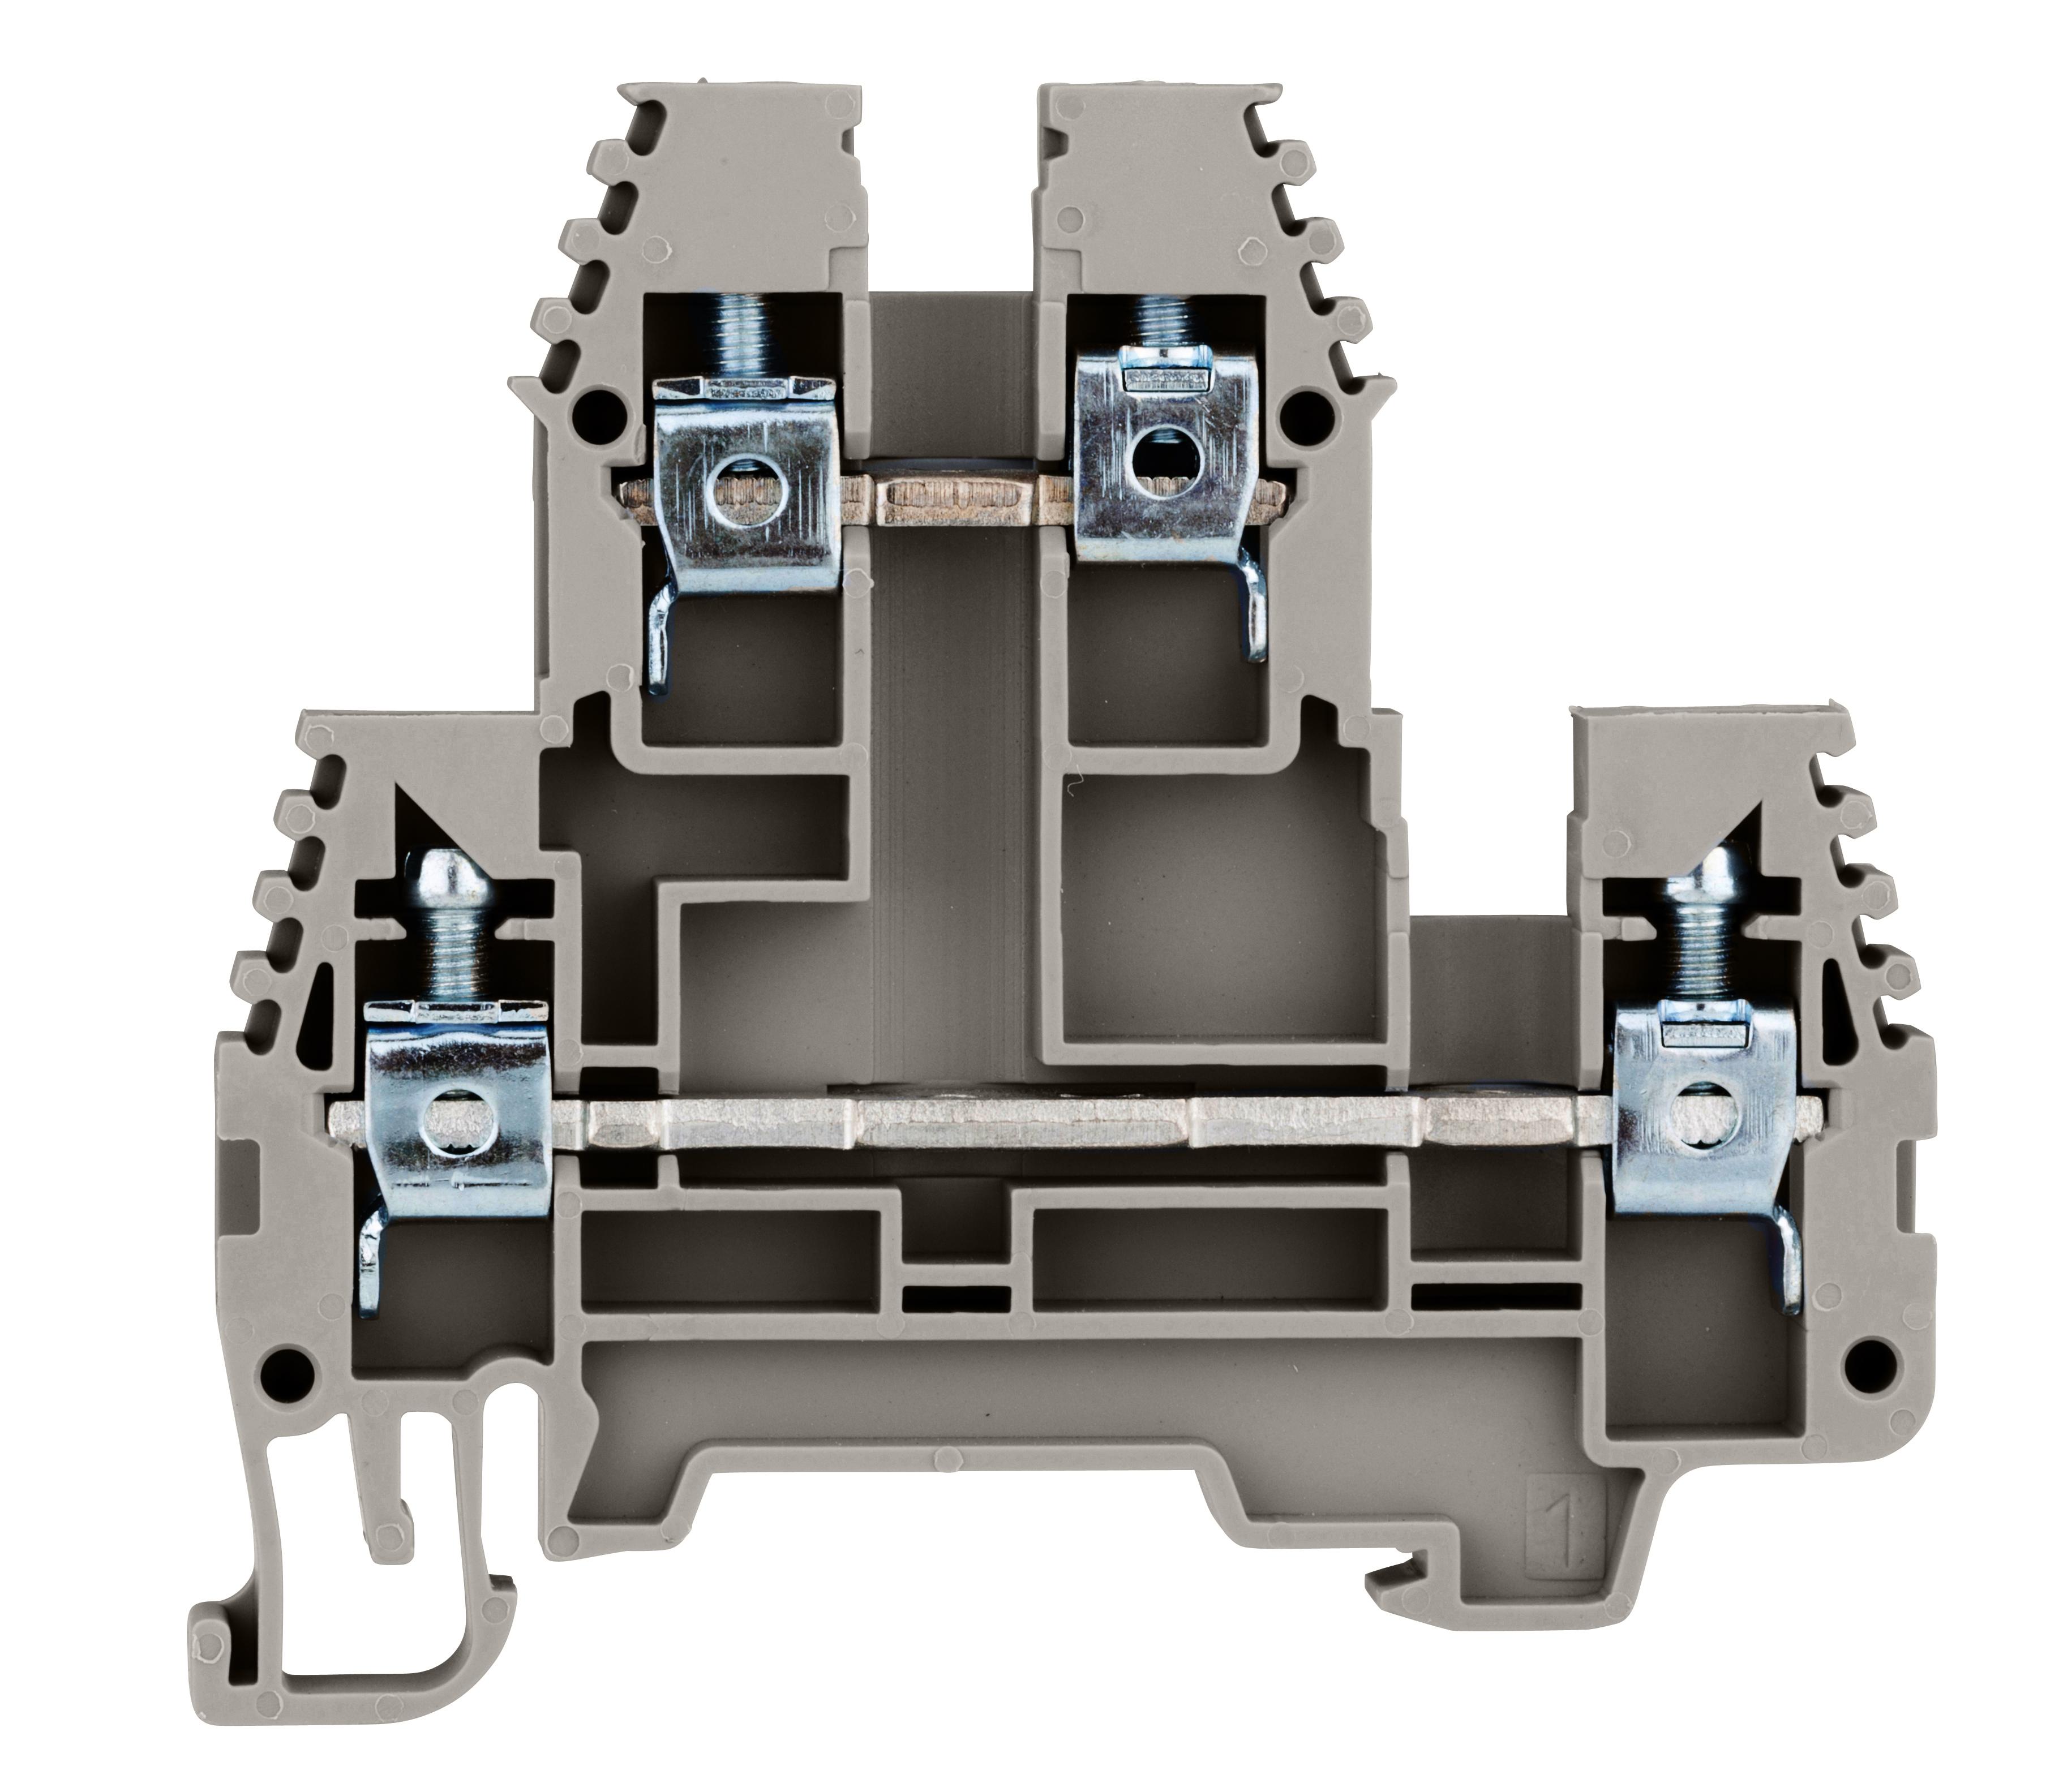 1 Stk Doppelstockklemme 4mm², Type PIK 4 IK650004--